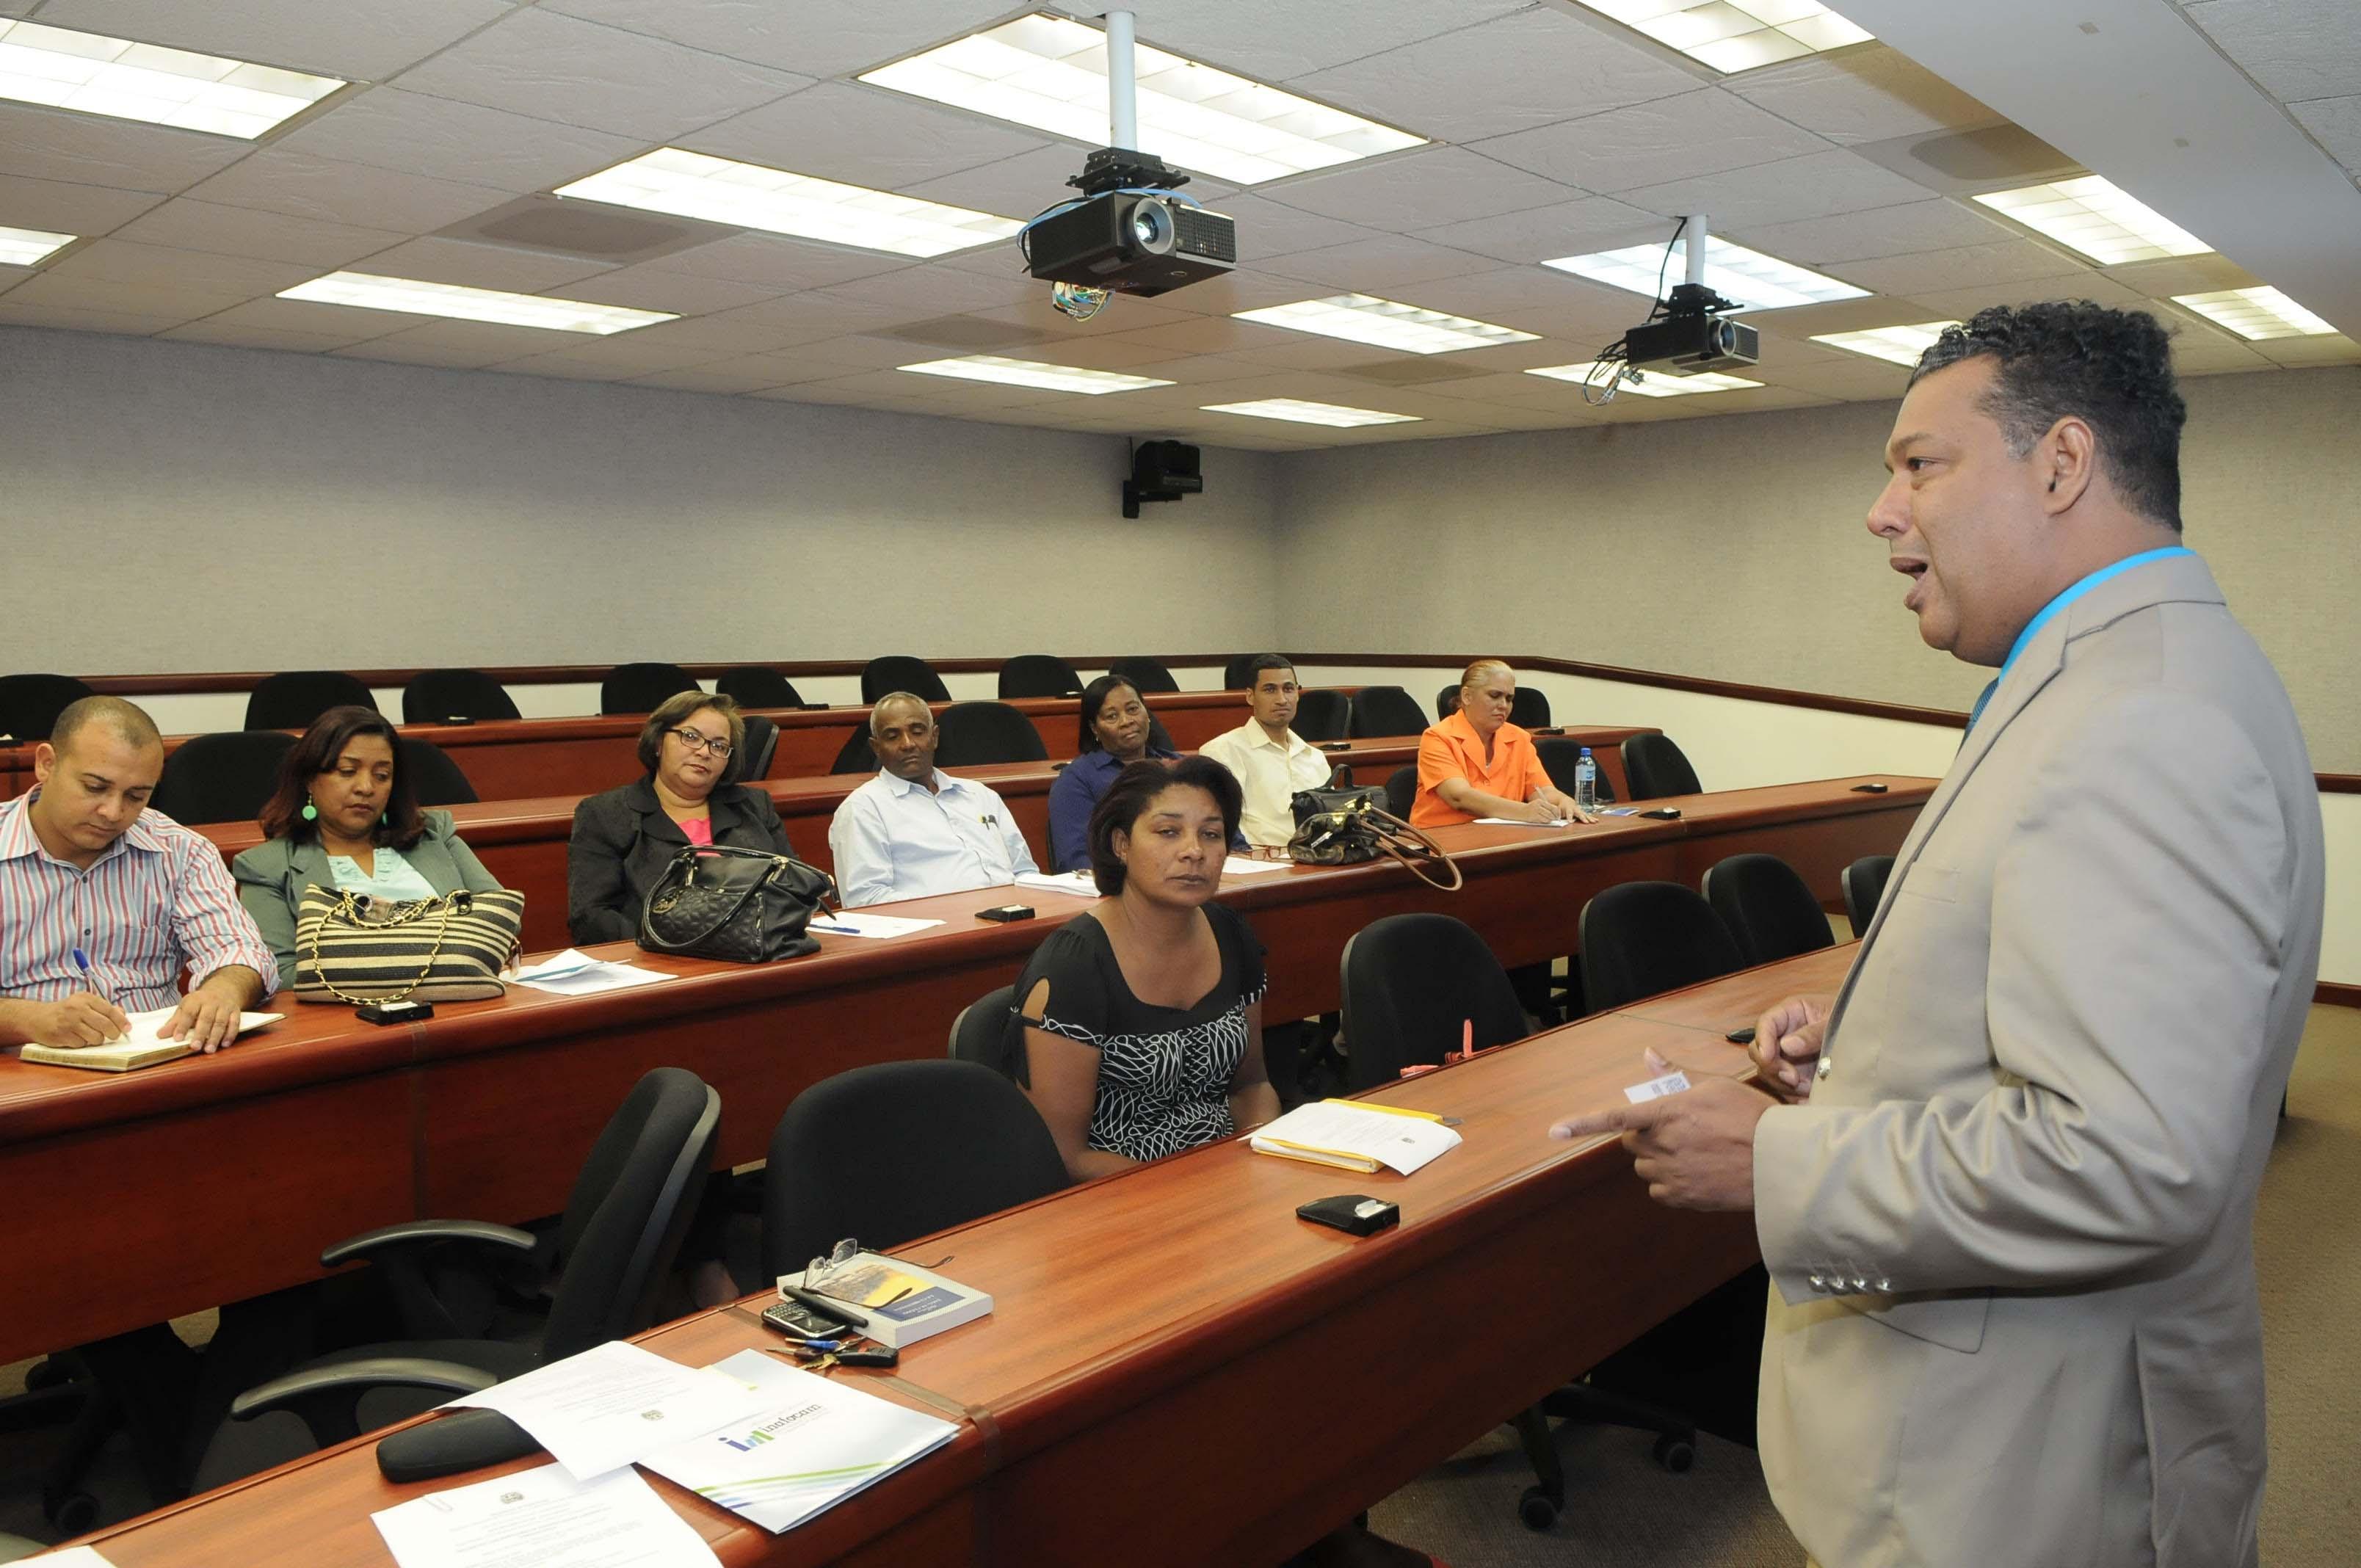 Inafocam se reúne con directores de centros educativos